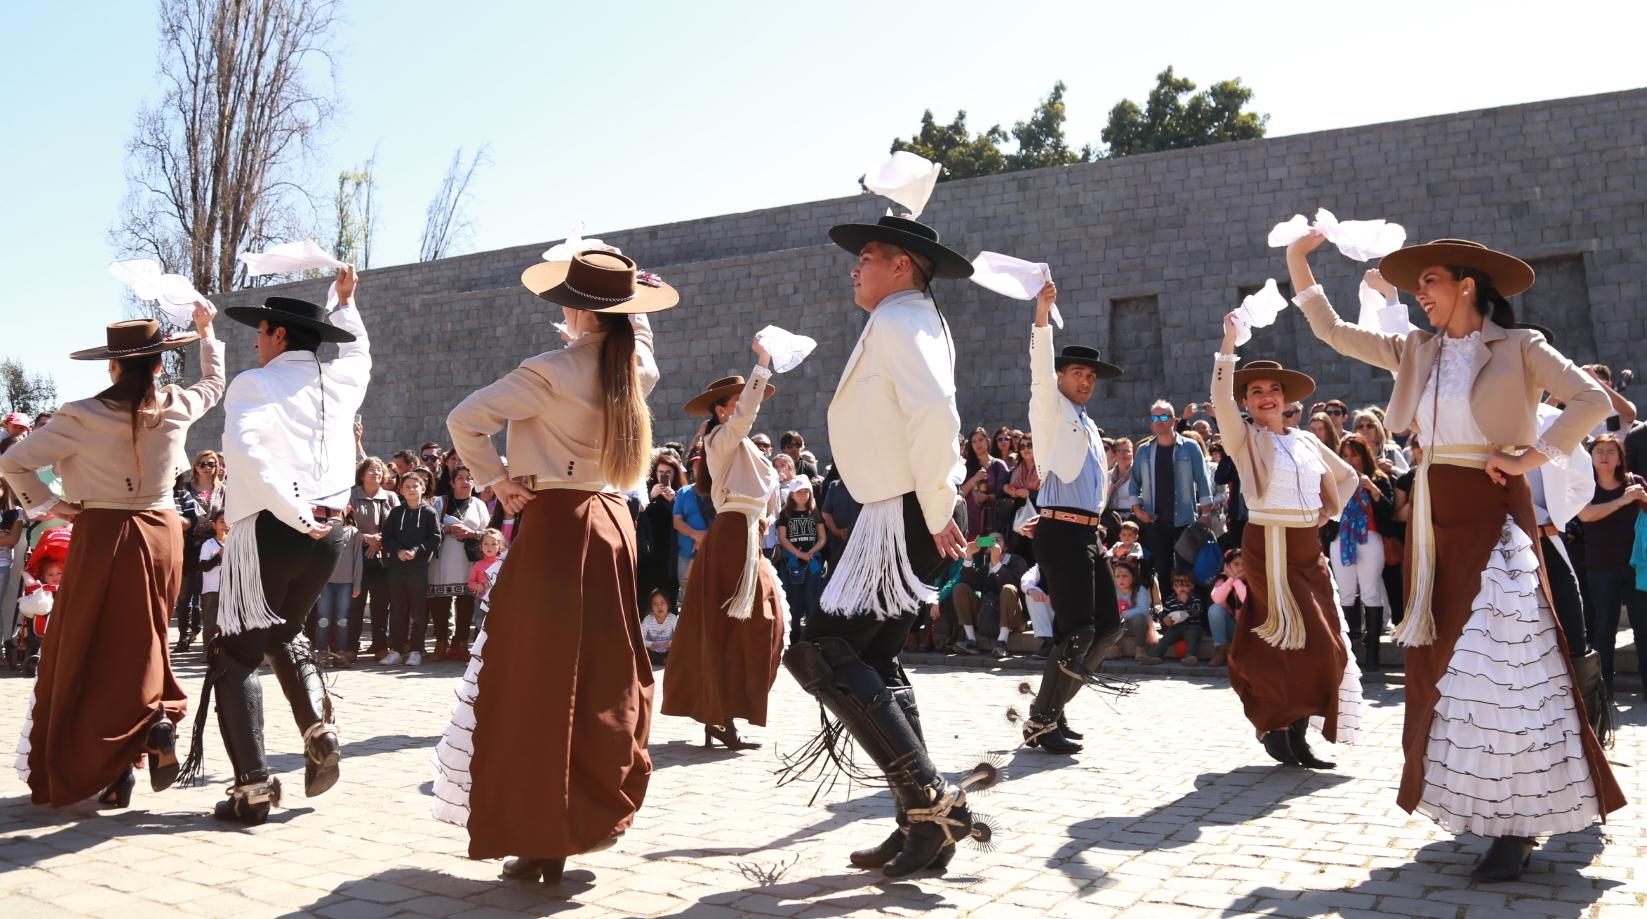 Día del Vino: Viña Santa Rita abre sus bodegas y ofrece tours sin costo a la comunidad